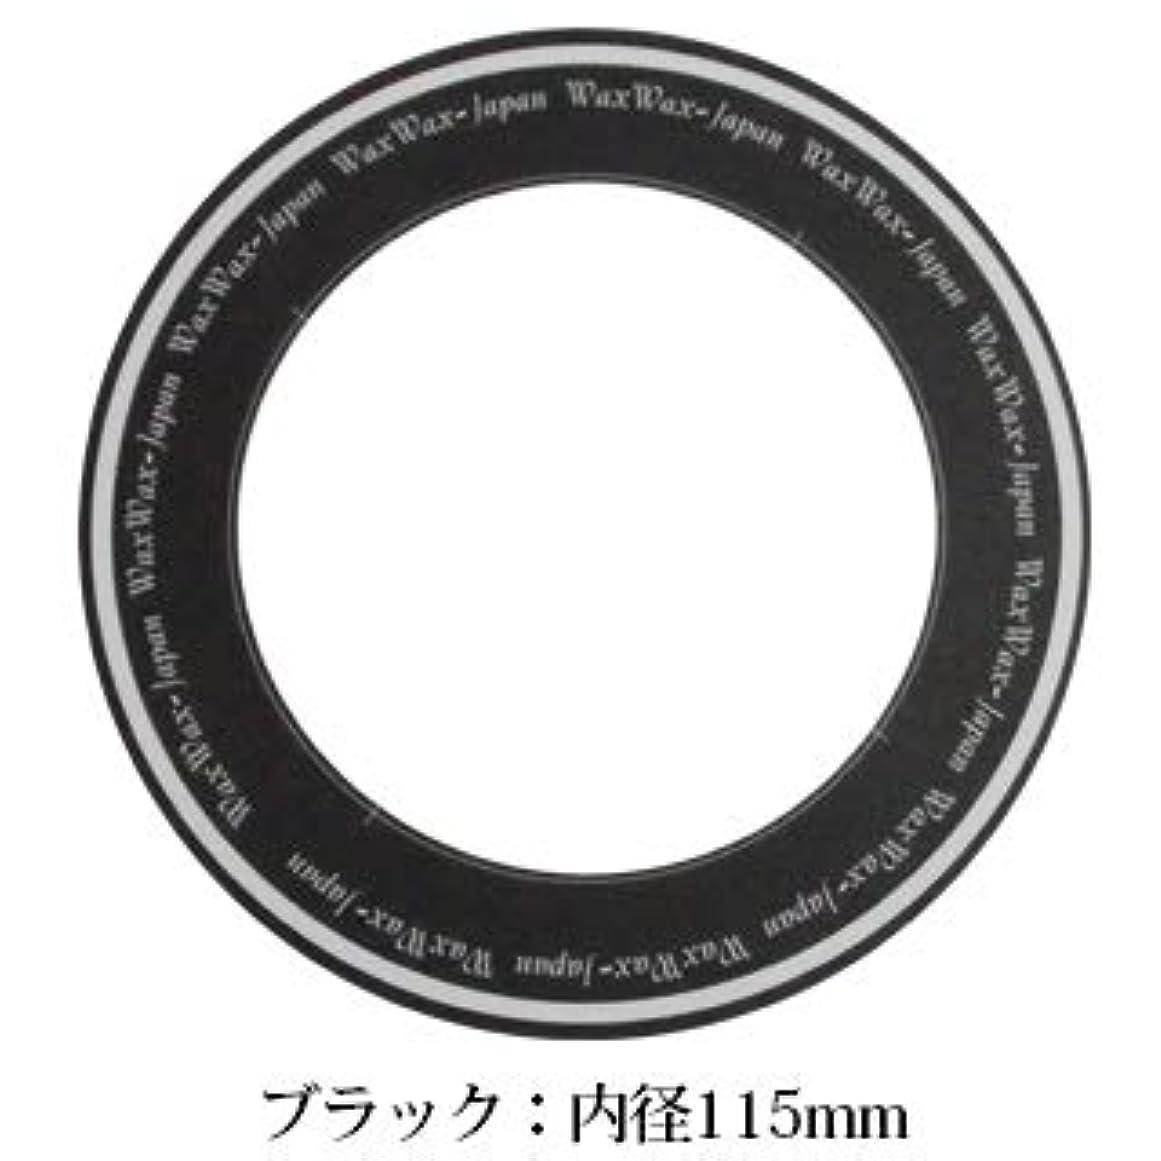 出会い劇的コロニーワックス脱毛用カラー 50枚入 ワックスウォーマー専用 (Bタイプ ブラック 内径:115mm)